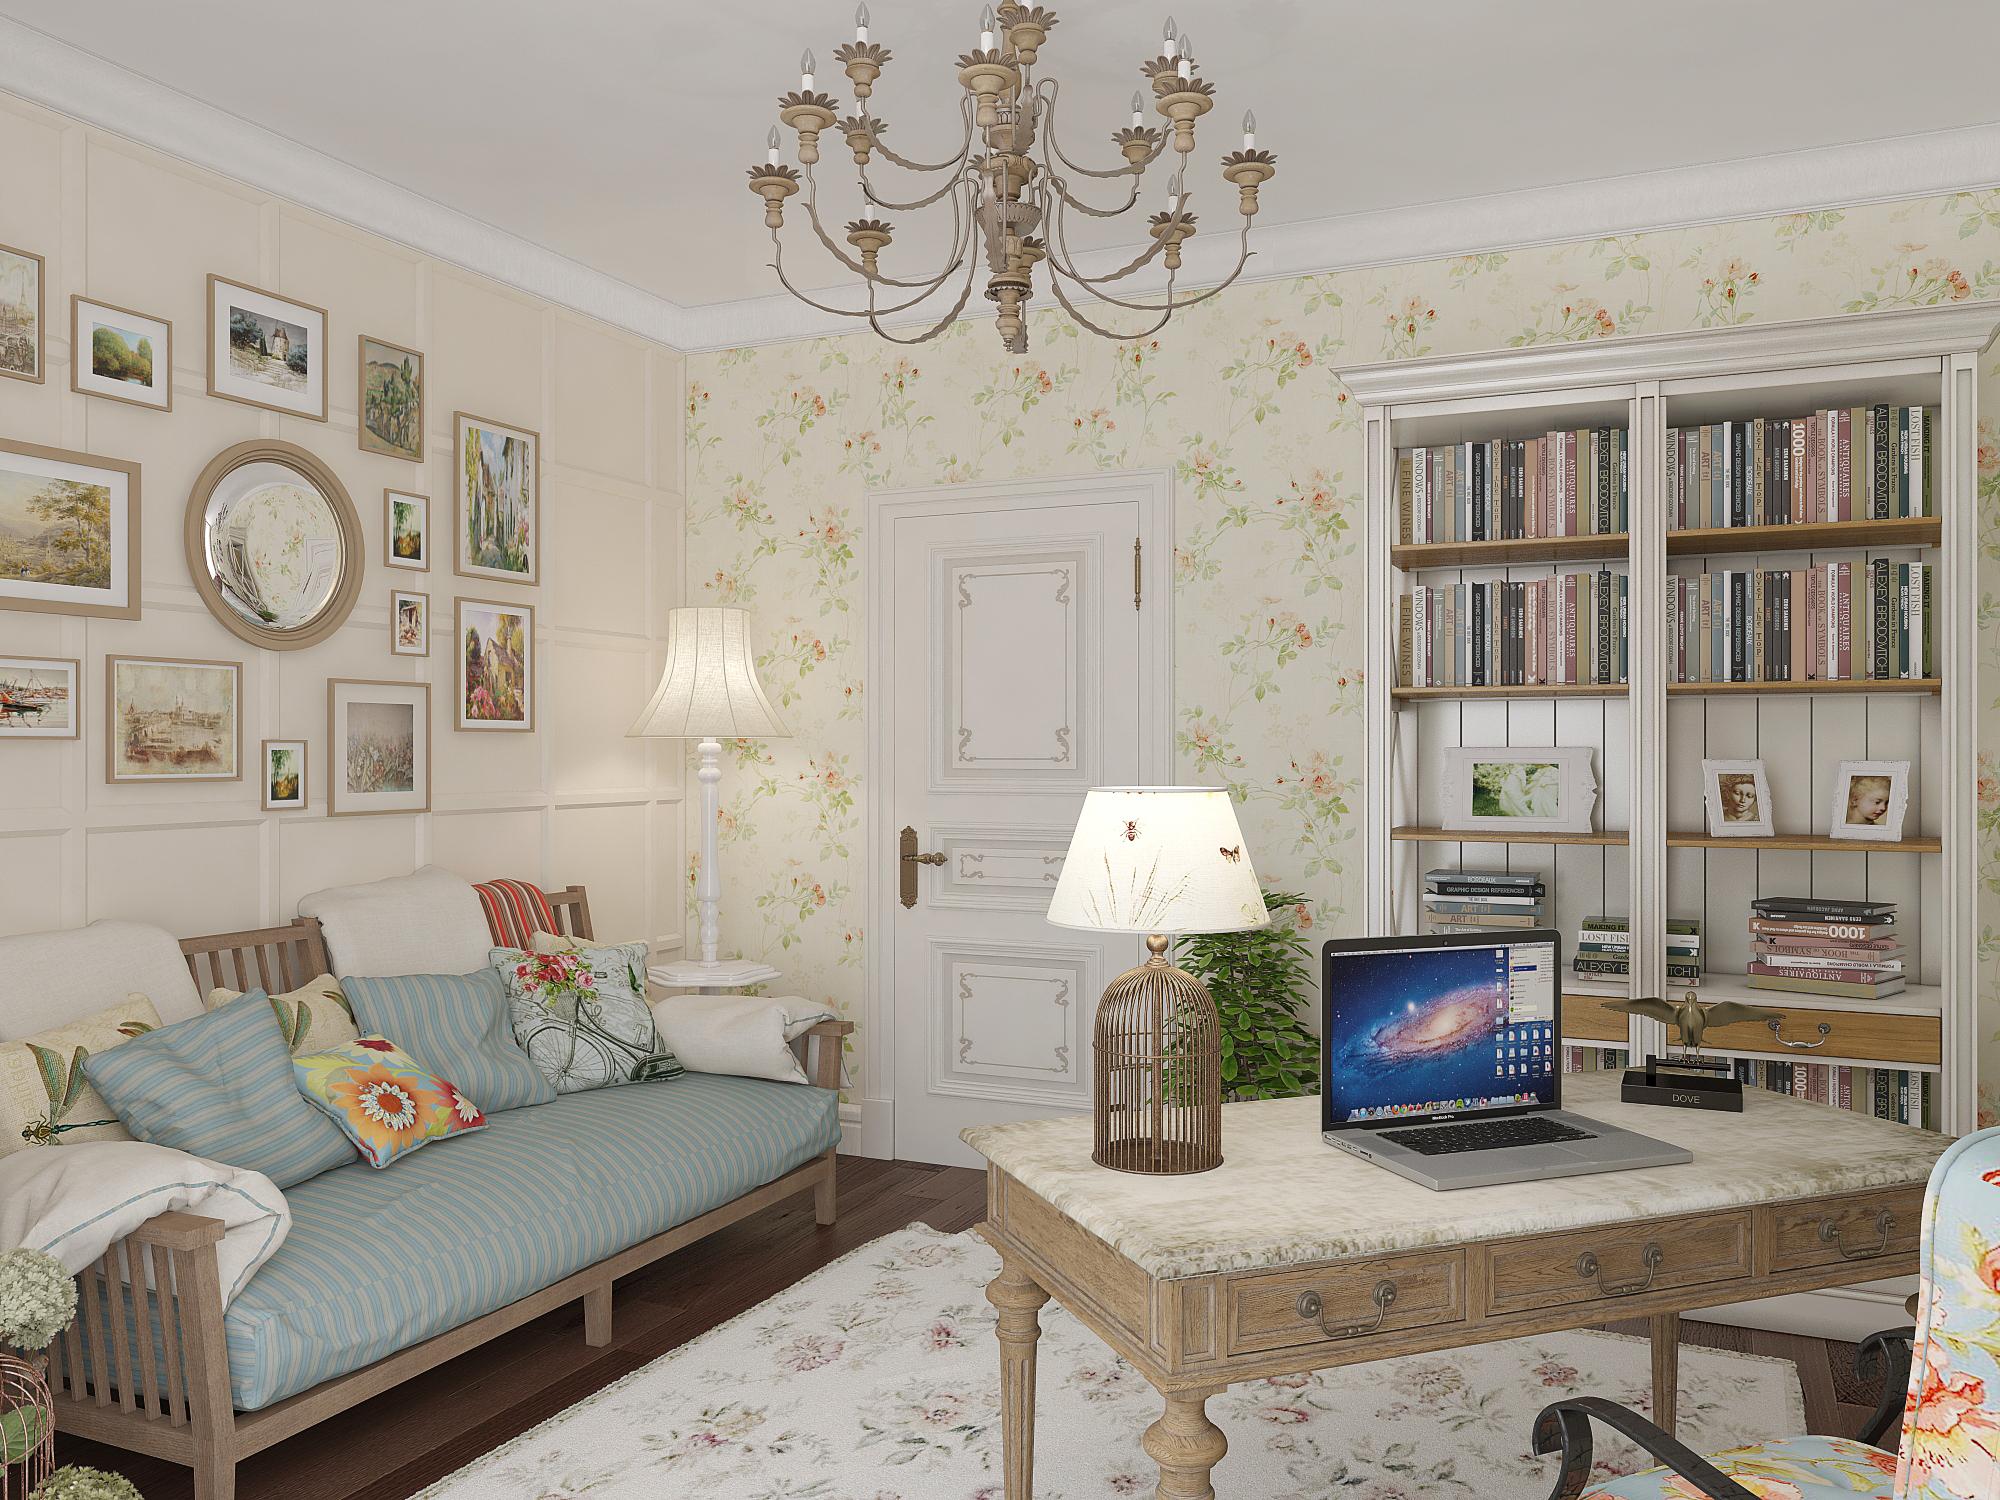 Светлый цвет в отделке и мебели позволит визуально увеличить комнату и добавить недостающего ей света